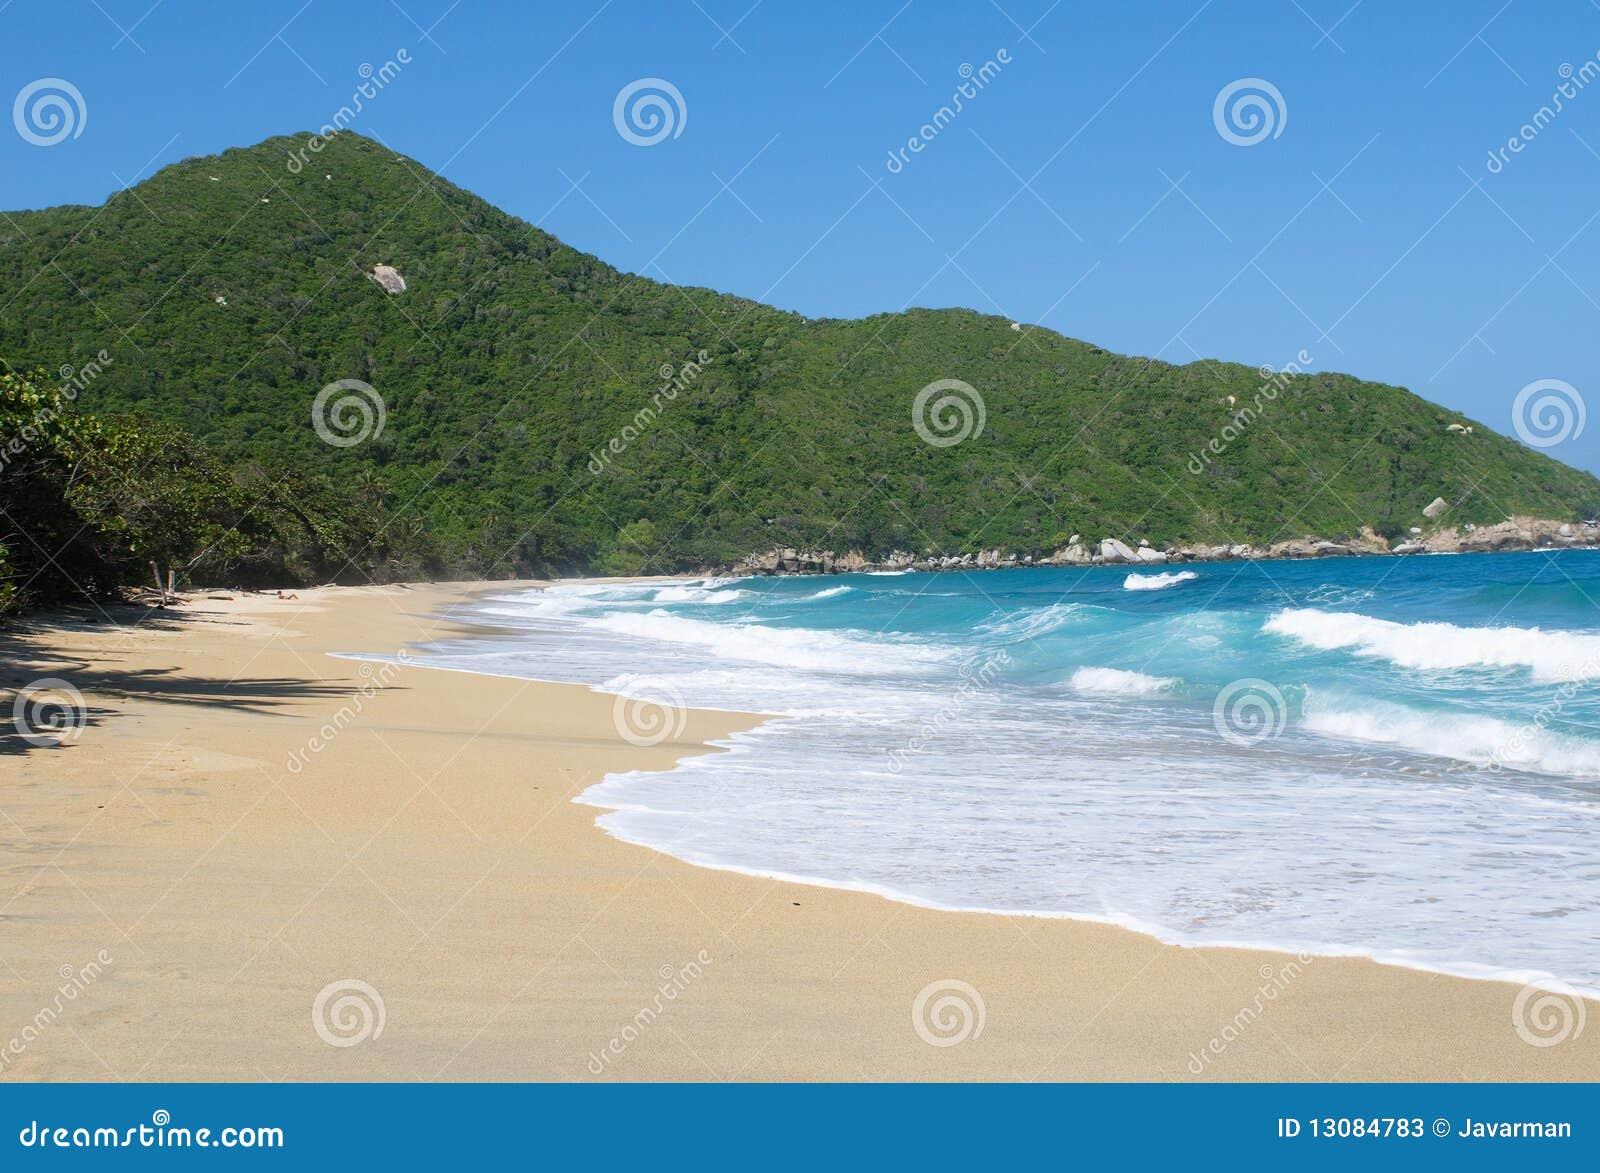 Stock Photos: Nudist Beach, Tayrona national park, Colombia